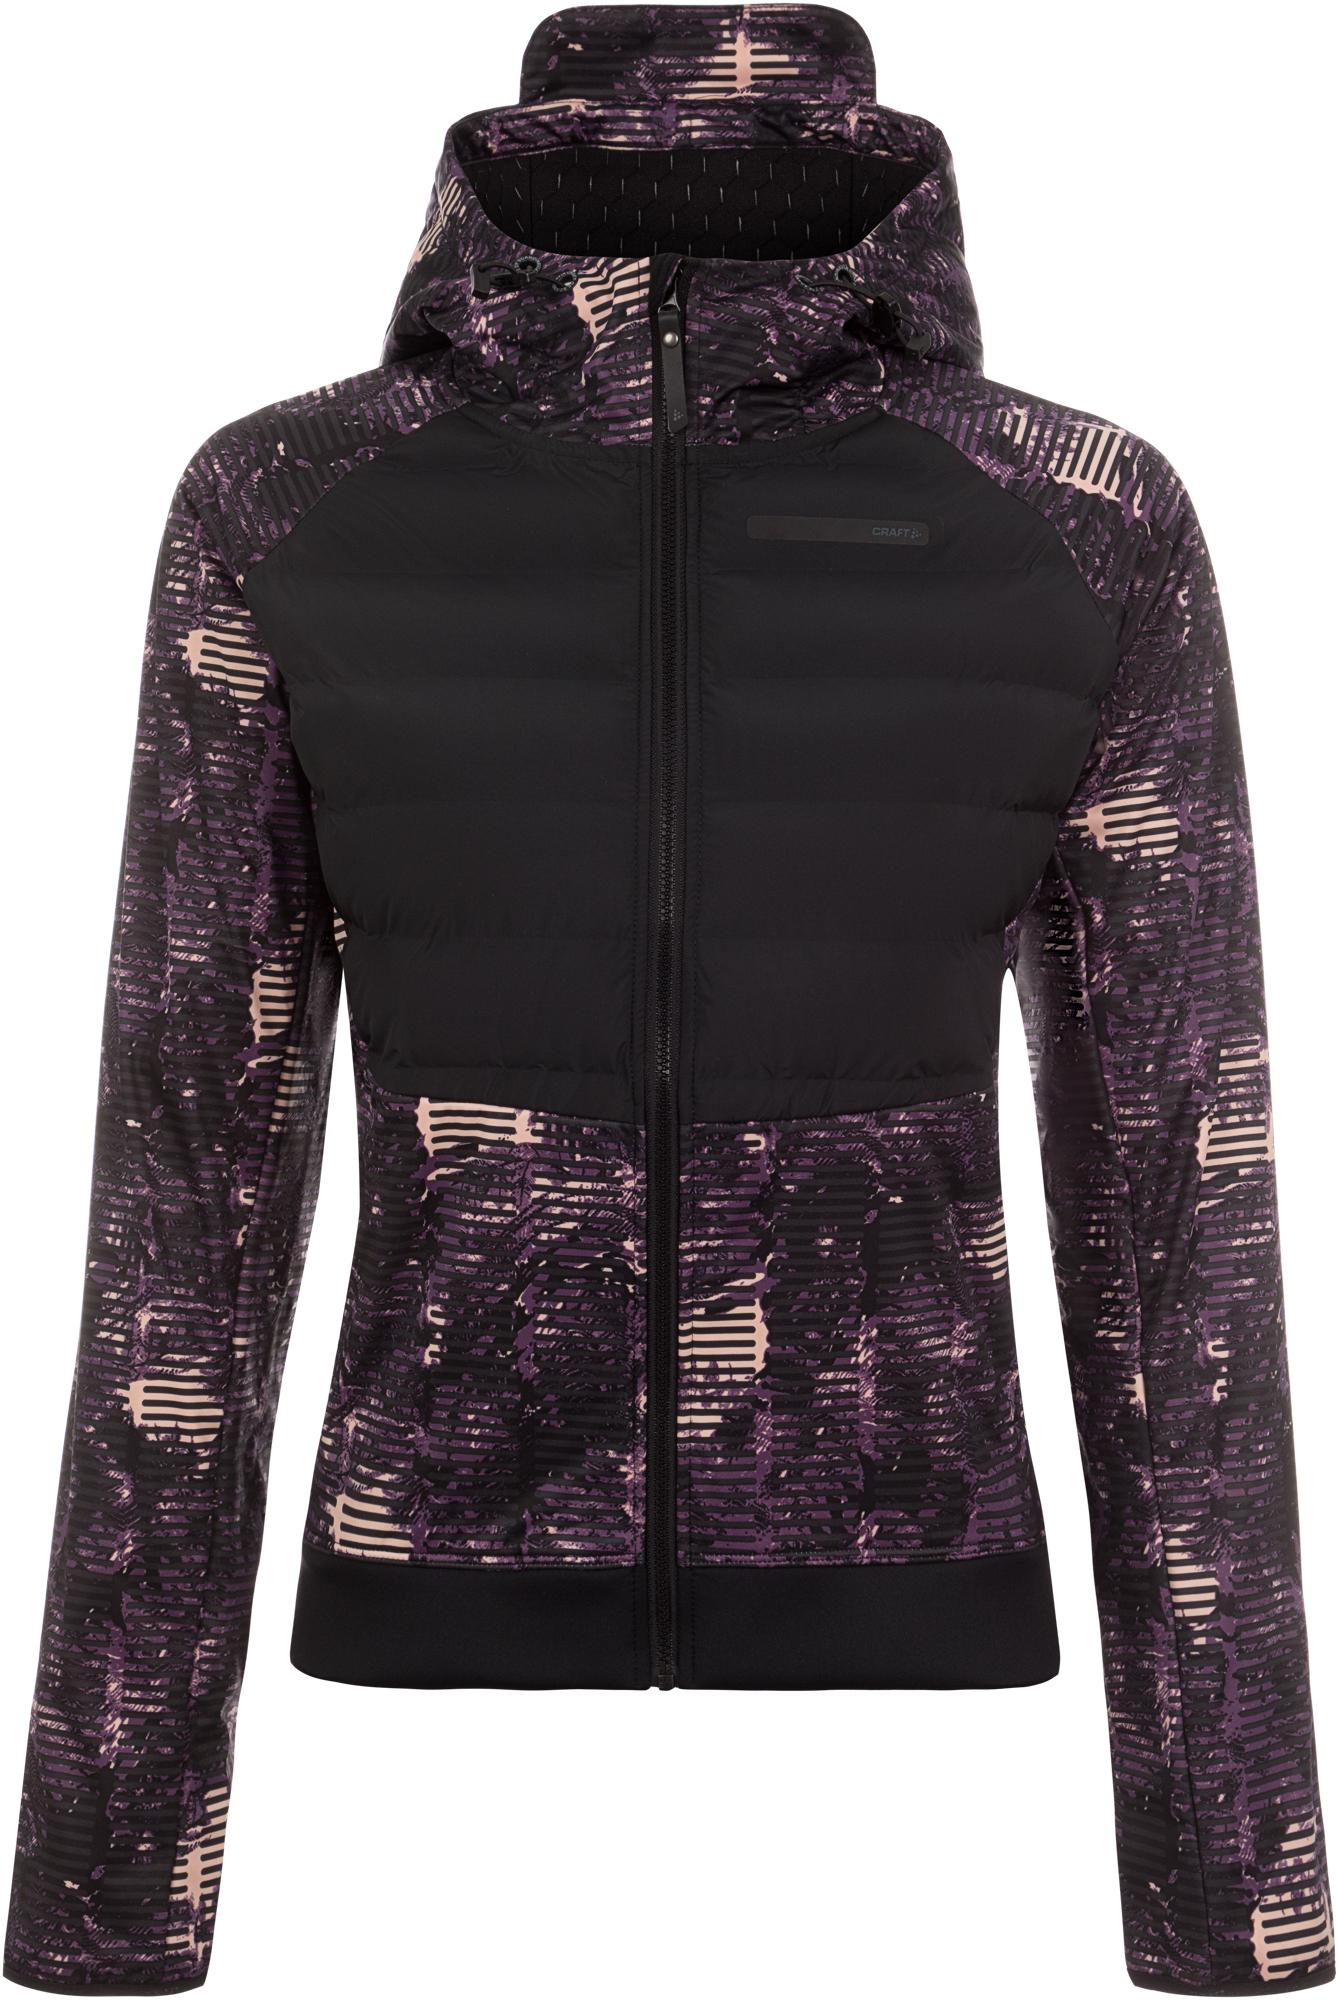 Фото - Craft Куртка женская Craft Pursuit Thermal, размер 44-46 куртка женская pepe jeans цвет зеленый 097 pl401555 664 размер m 44 46